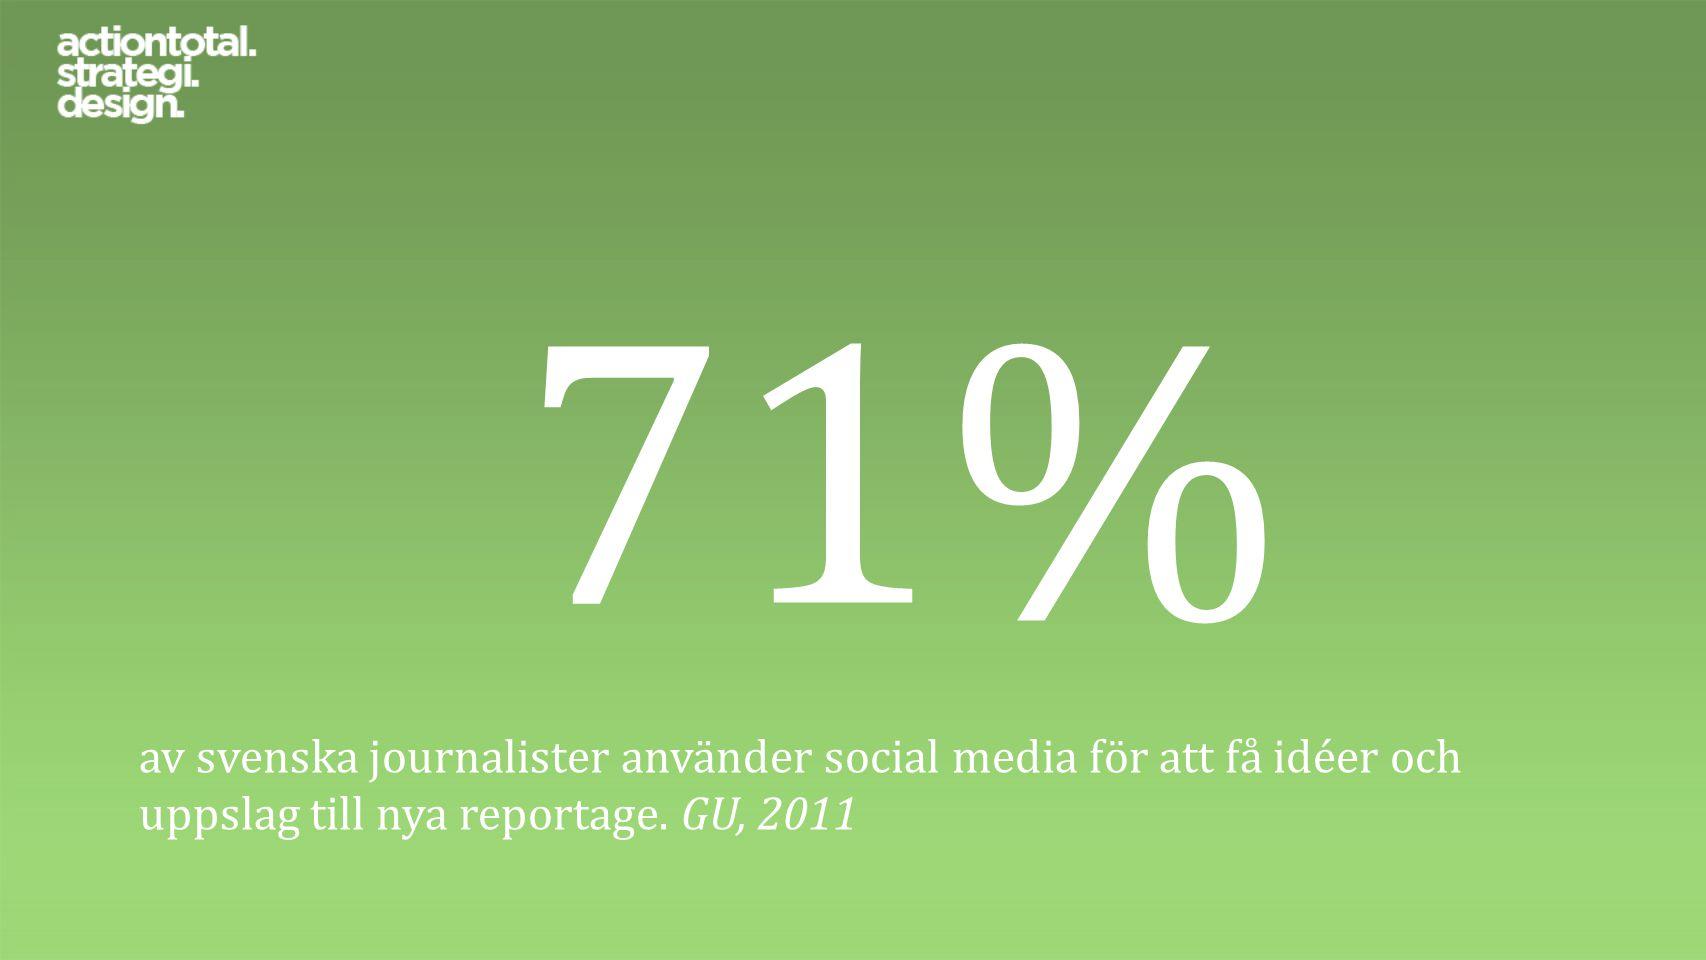 71% av svenska journalister använder social media för att få idéer och uppslag till nya reportage. GU, 2011